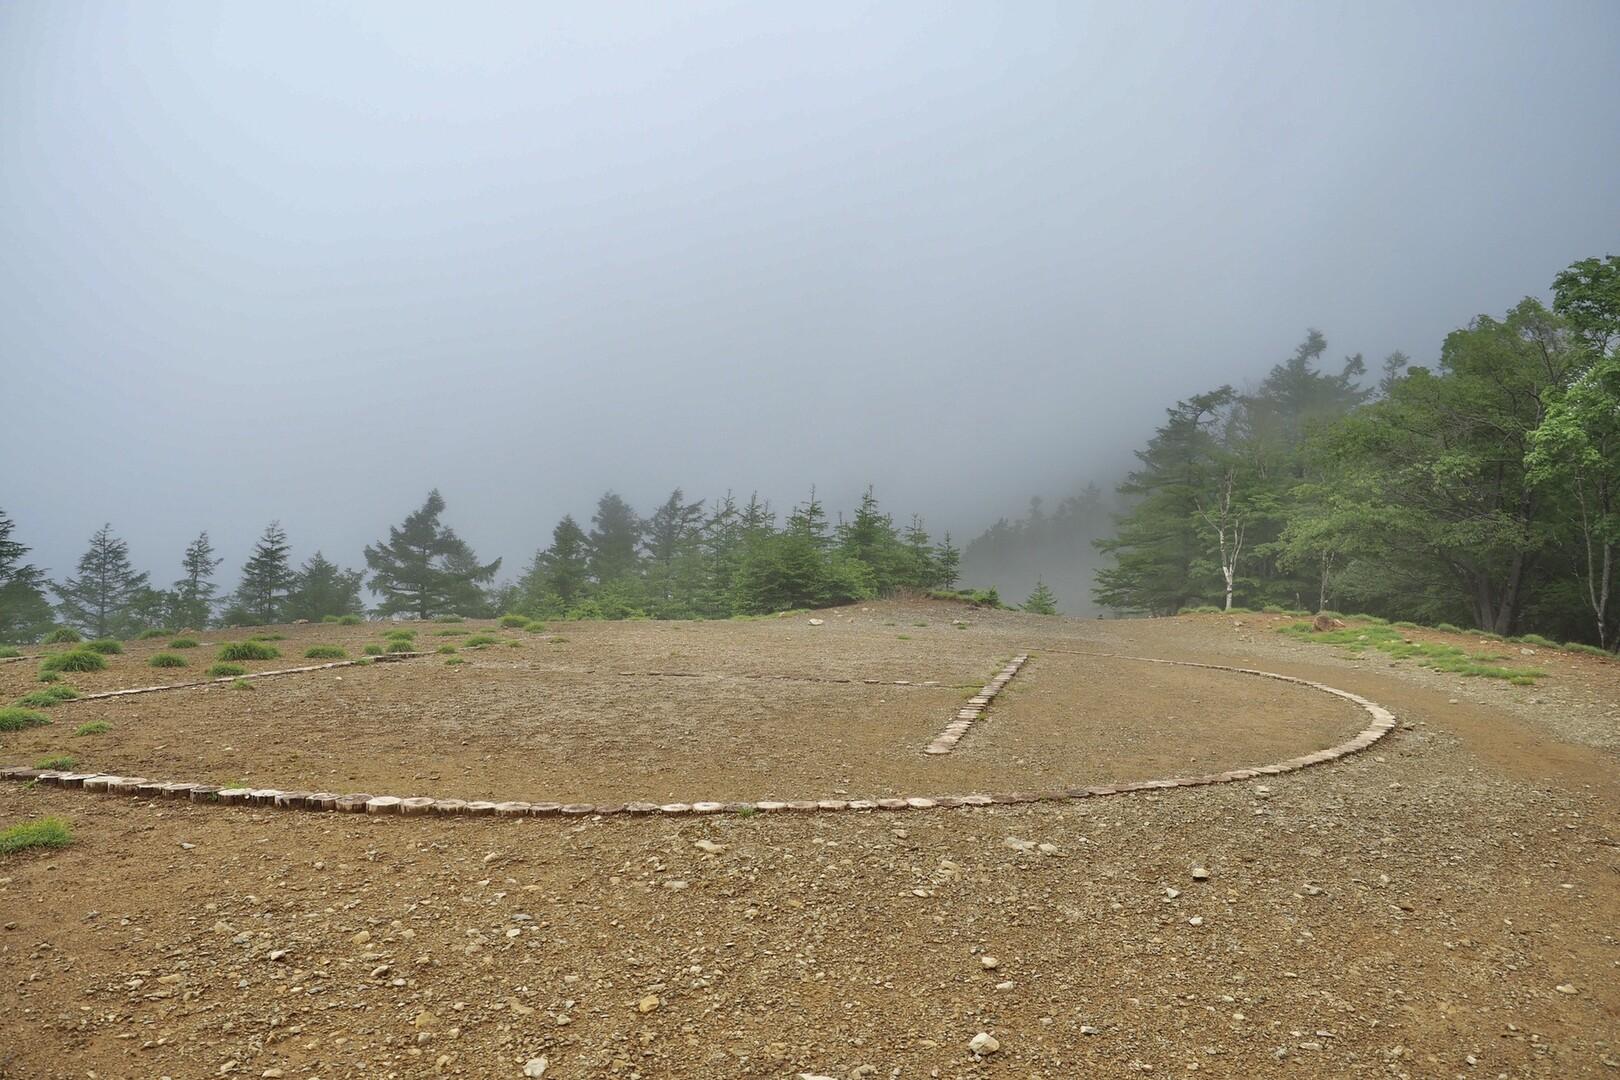 ヘリポート!ここから雲取山荘まで一所懸命に運ぶんだなぁ。まだ結構な距離あるぞ🚁